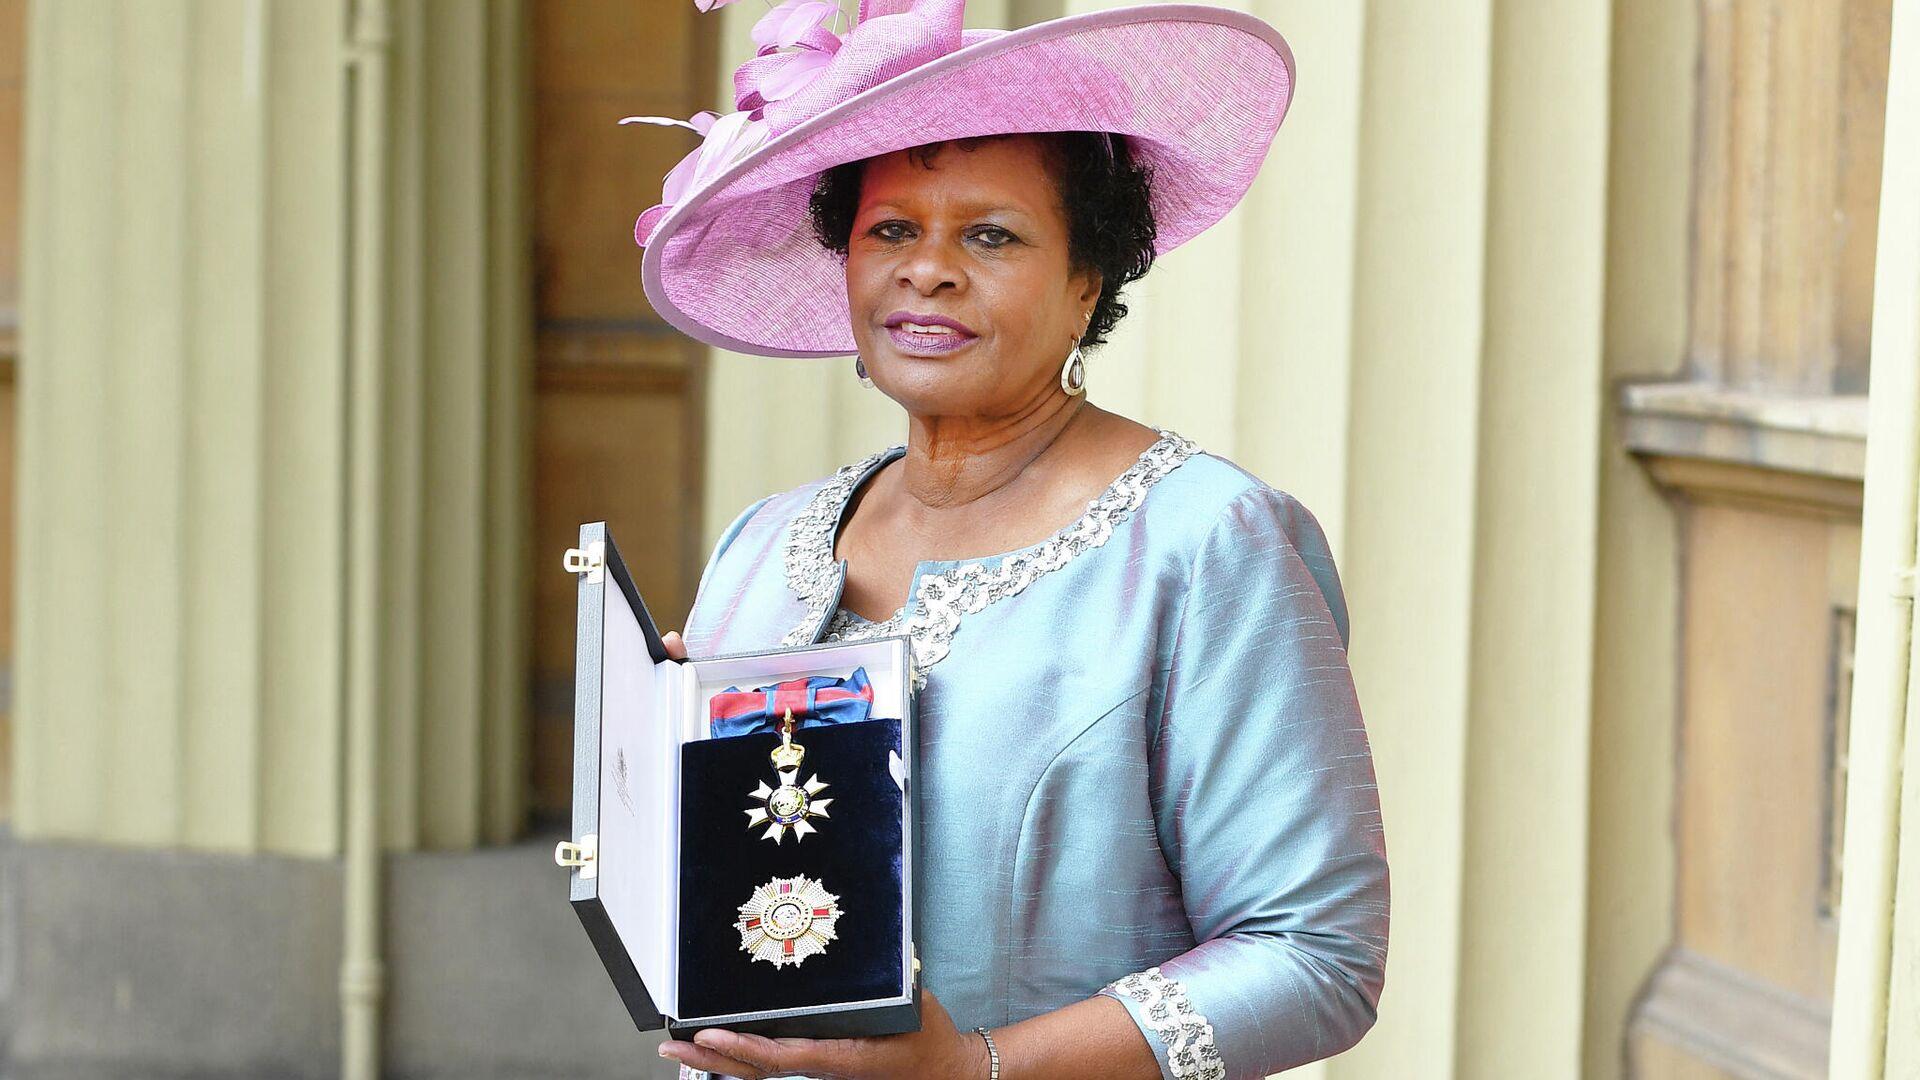 Sandra Mason, amtierende Generalgouverneurin von Barbados und künftige Präsidentin des karibischen Inselstaates (Archiv) - SNA, 1920, 30.09.2021